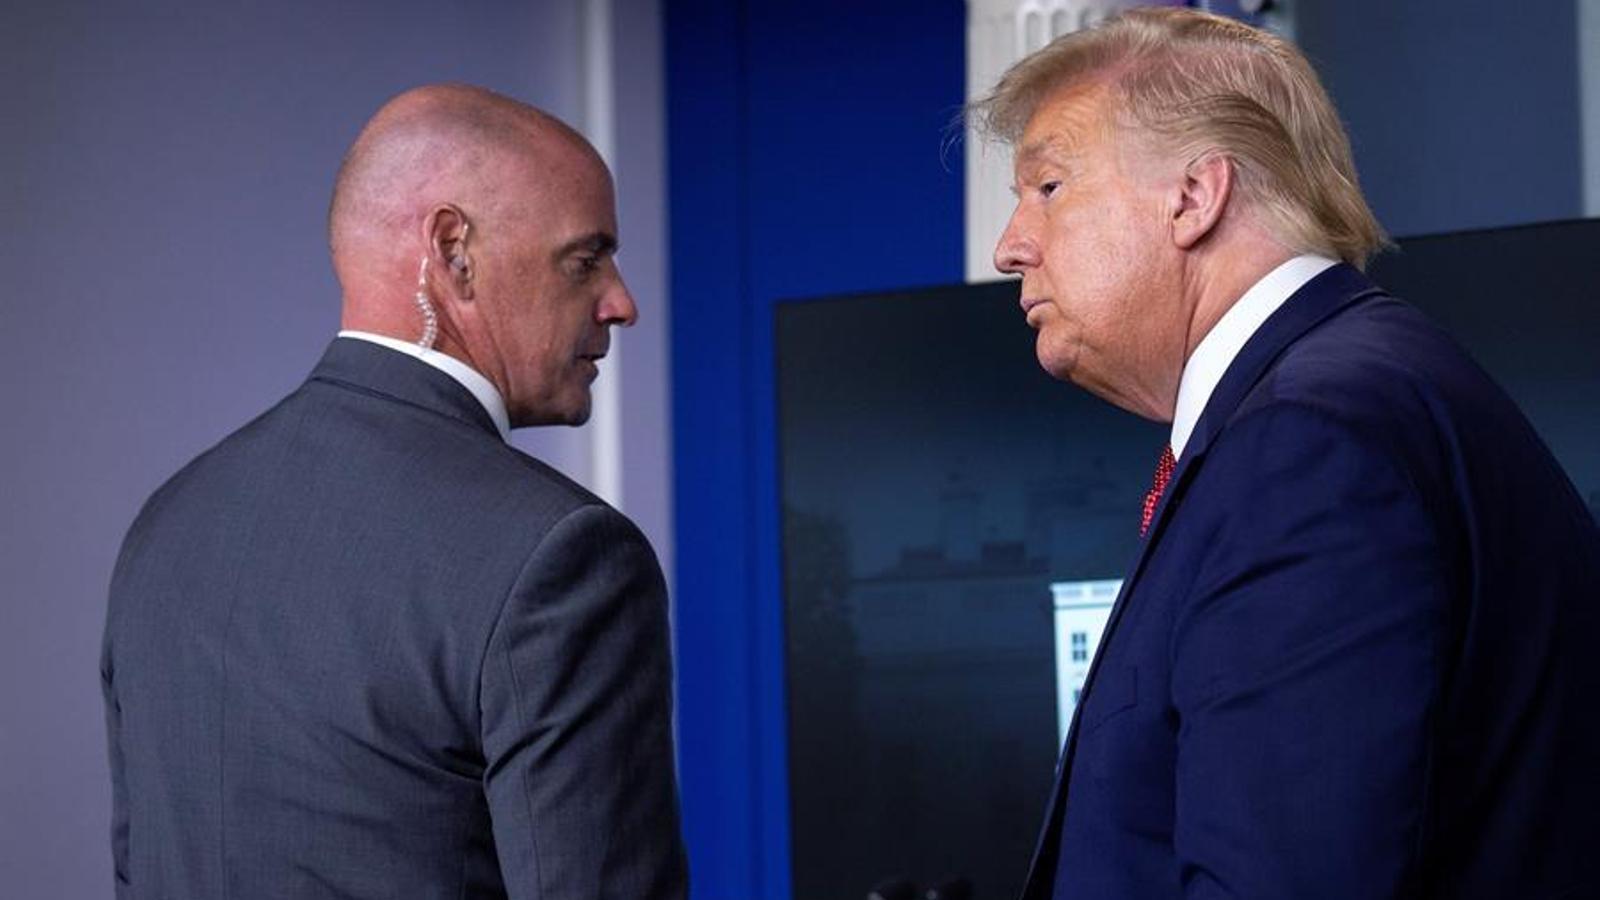 Treuen Trump d'una roda de premsa per un tiroteig al costat de la Casa Blanca